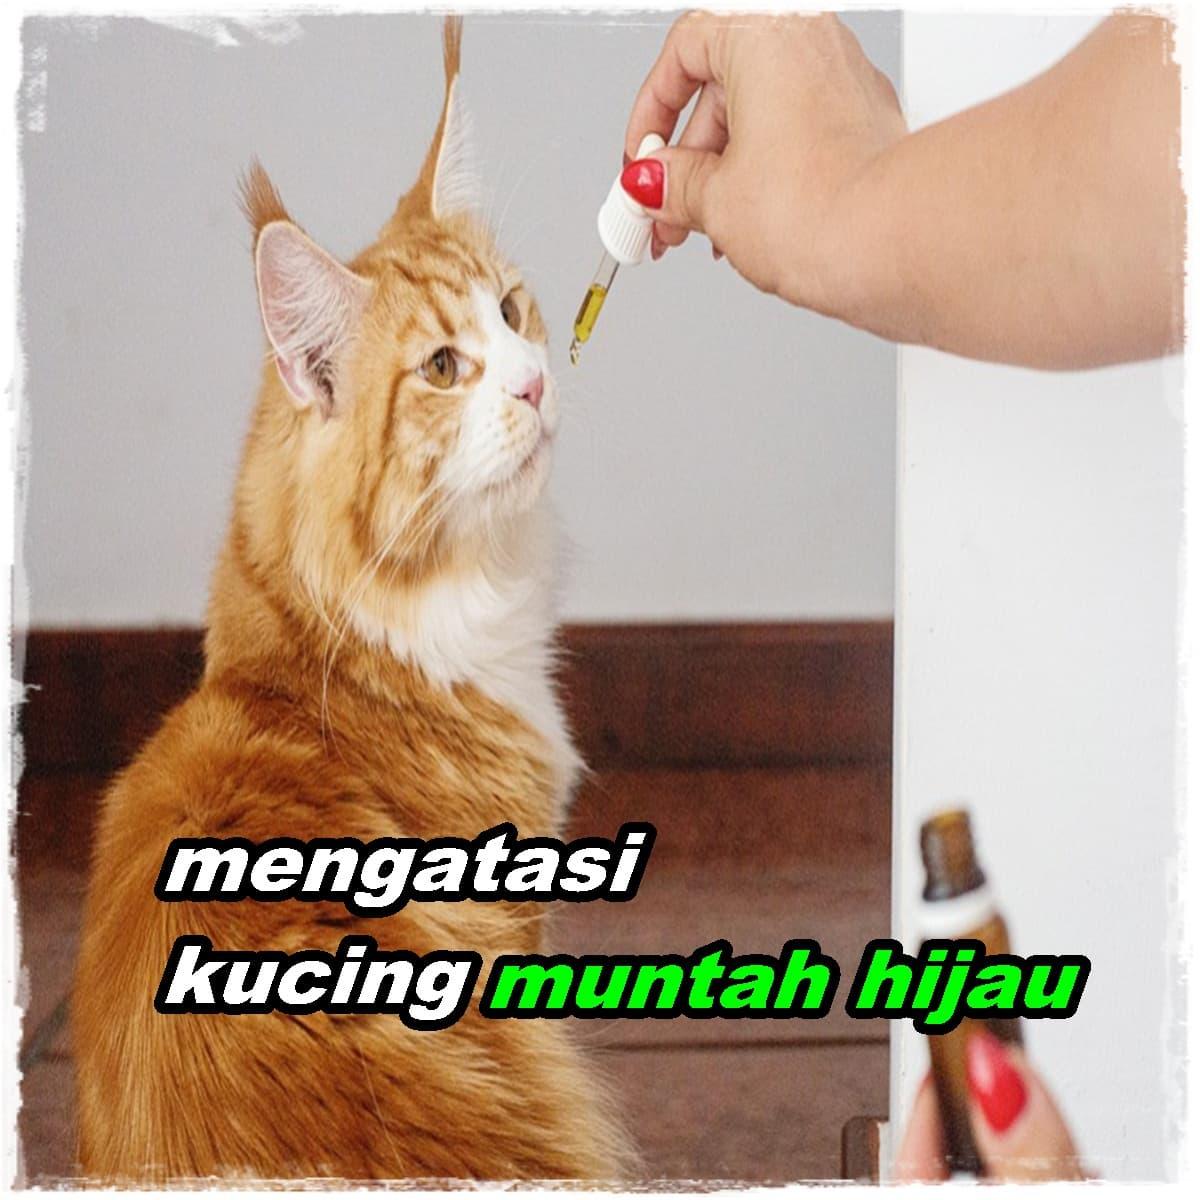 Kucing Muntah Hijau? Begini Cara Mengatasinya